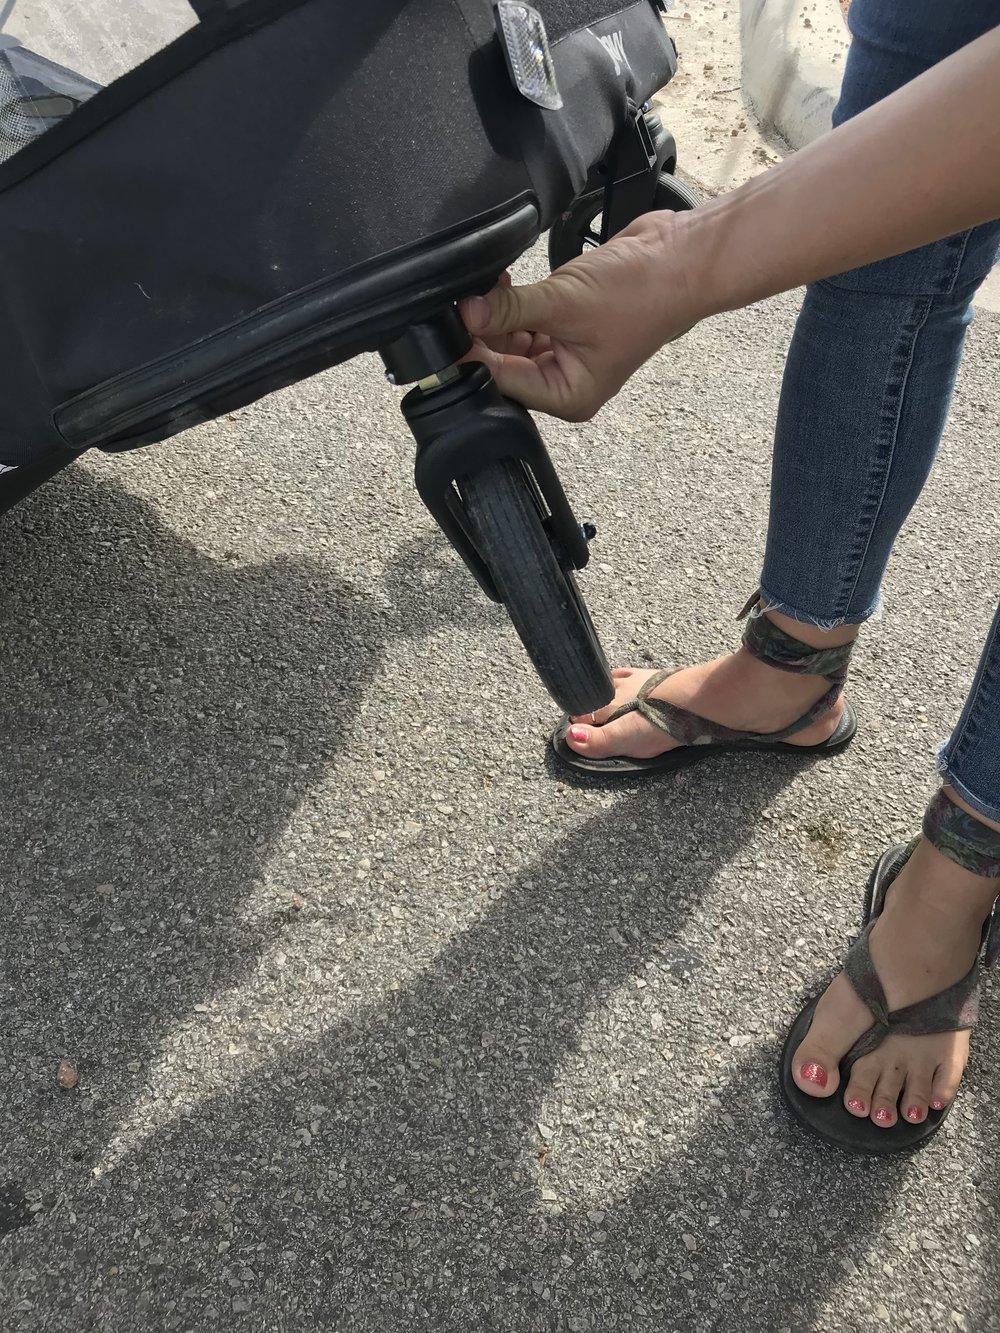 Stroller front wheel 1.jpg